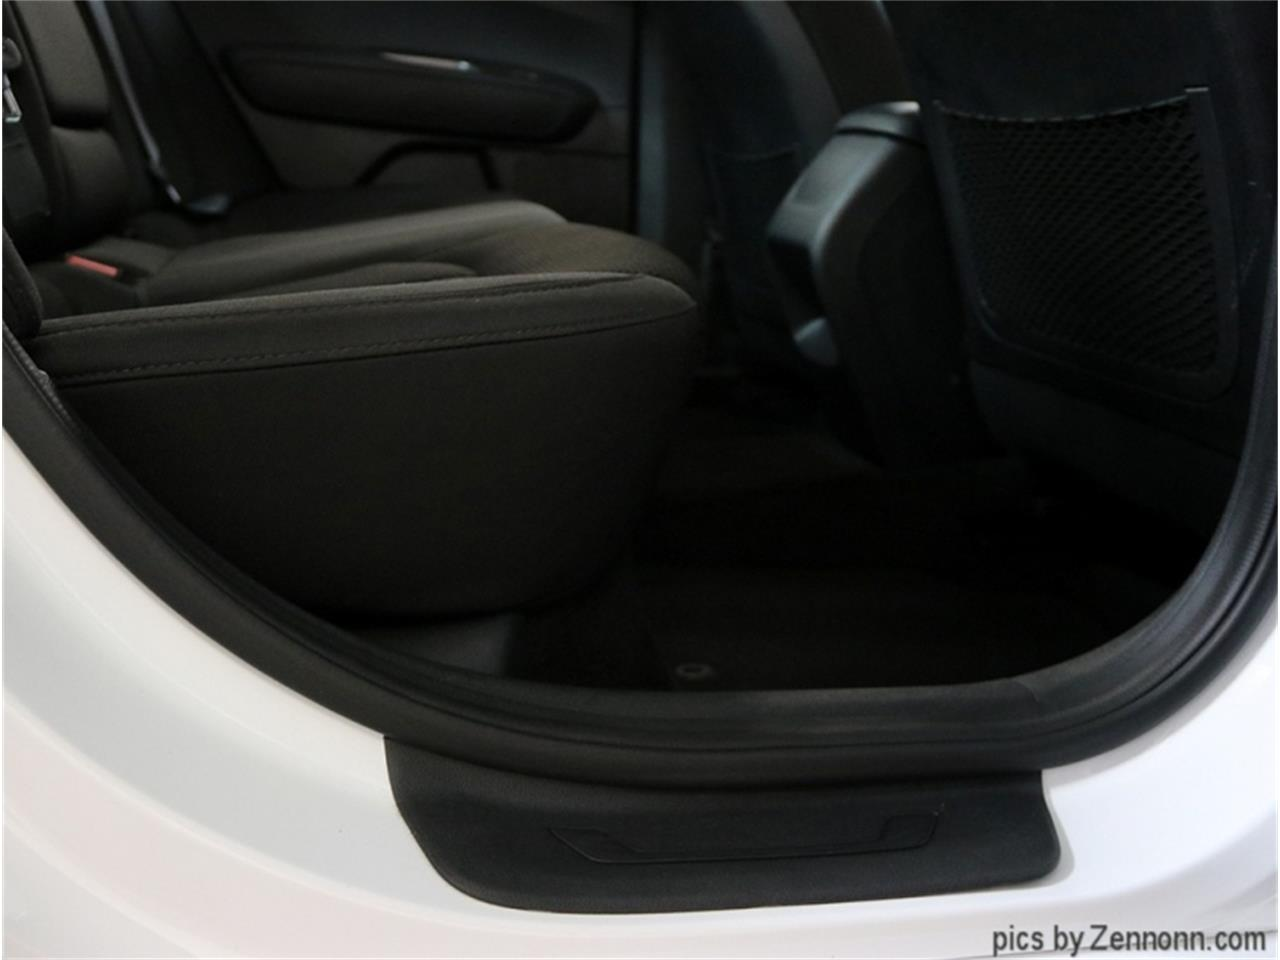 2019 Kia Optima (CC-1417103) for sale in Addison, Illinois